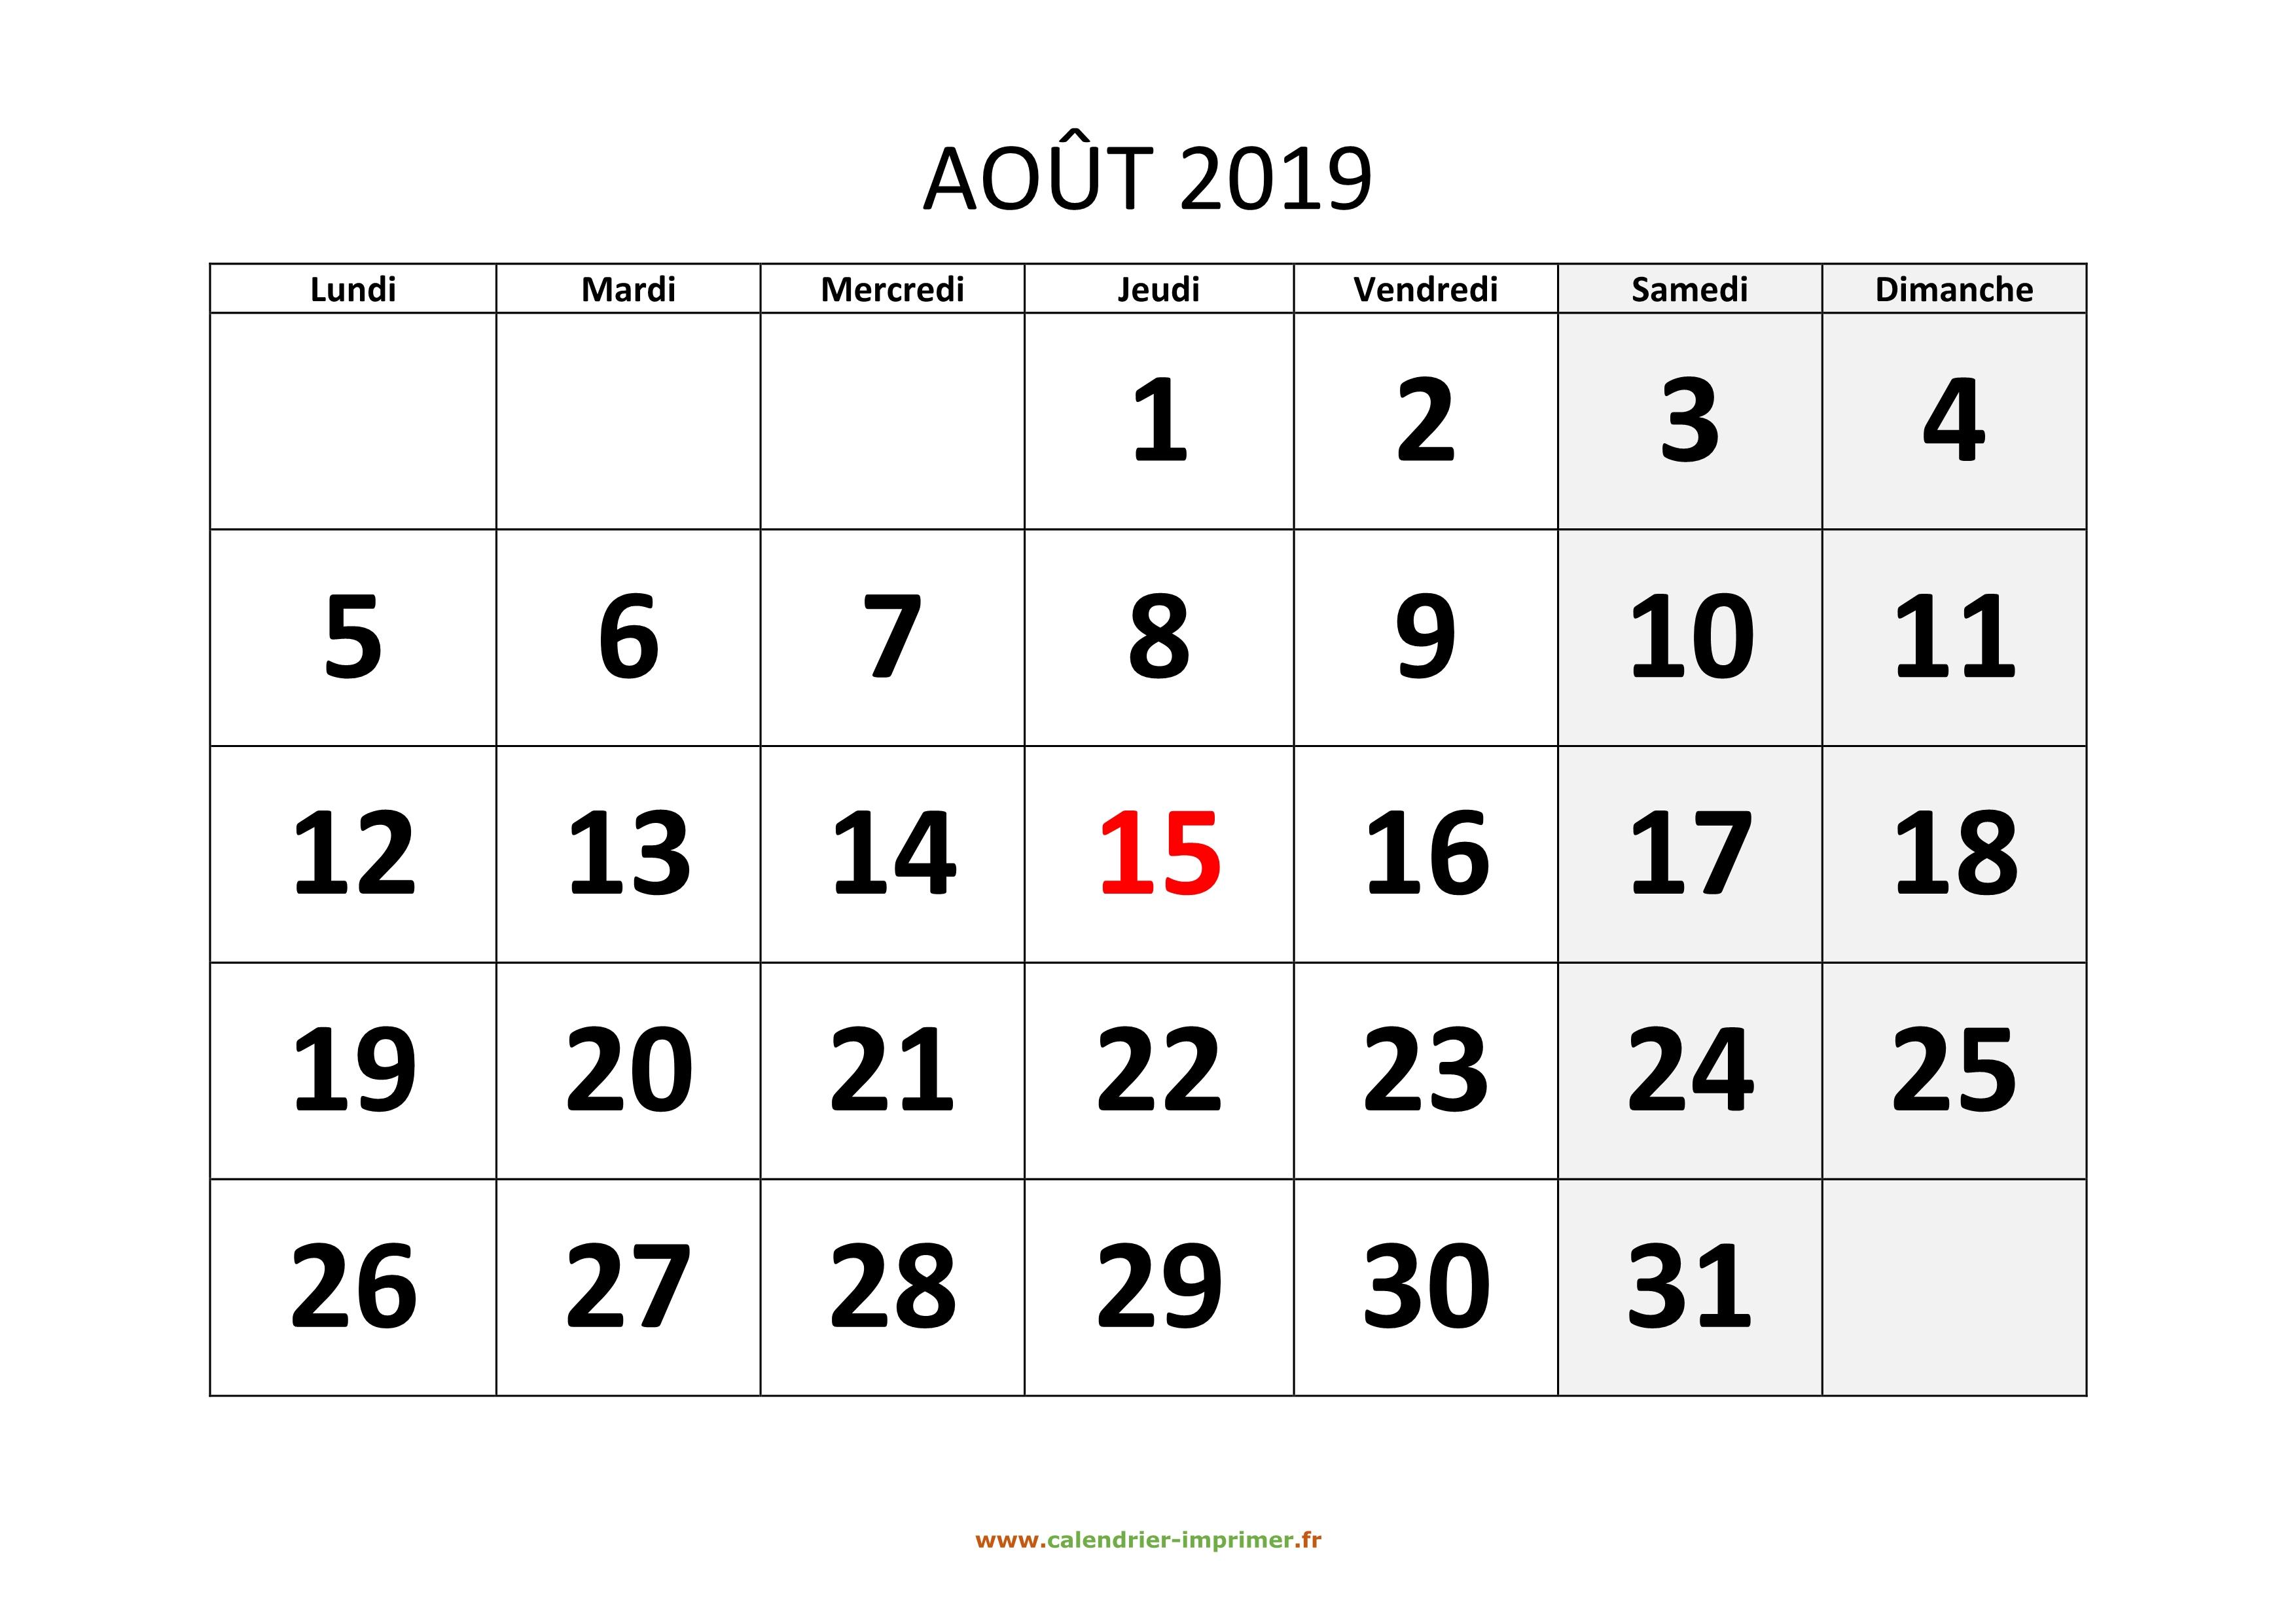 Calendrier Septembre 2020 Aout 2019.Calendrier Aout 2019 A Imprimer